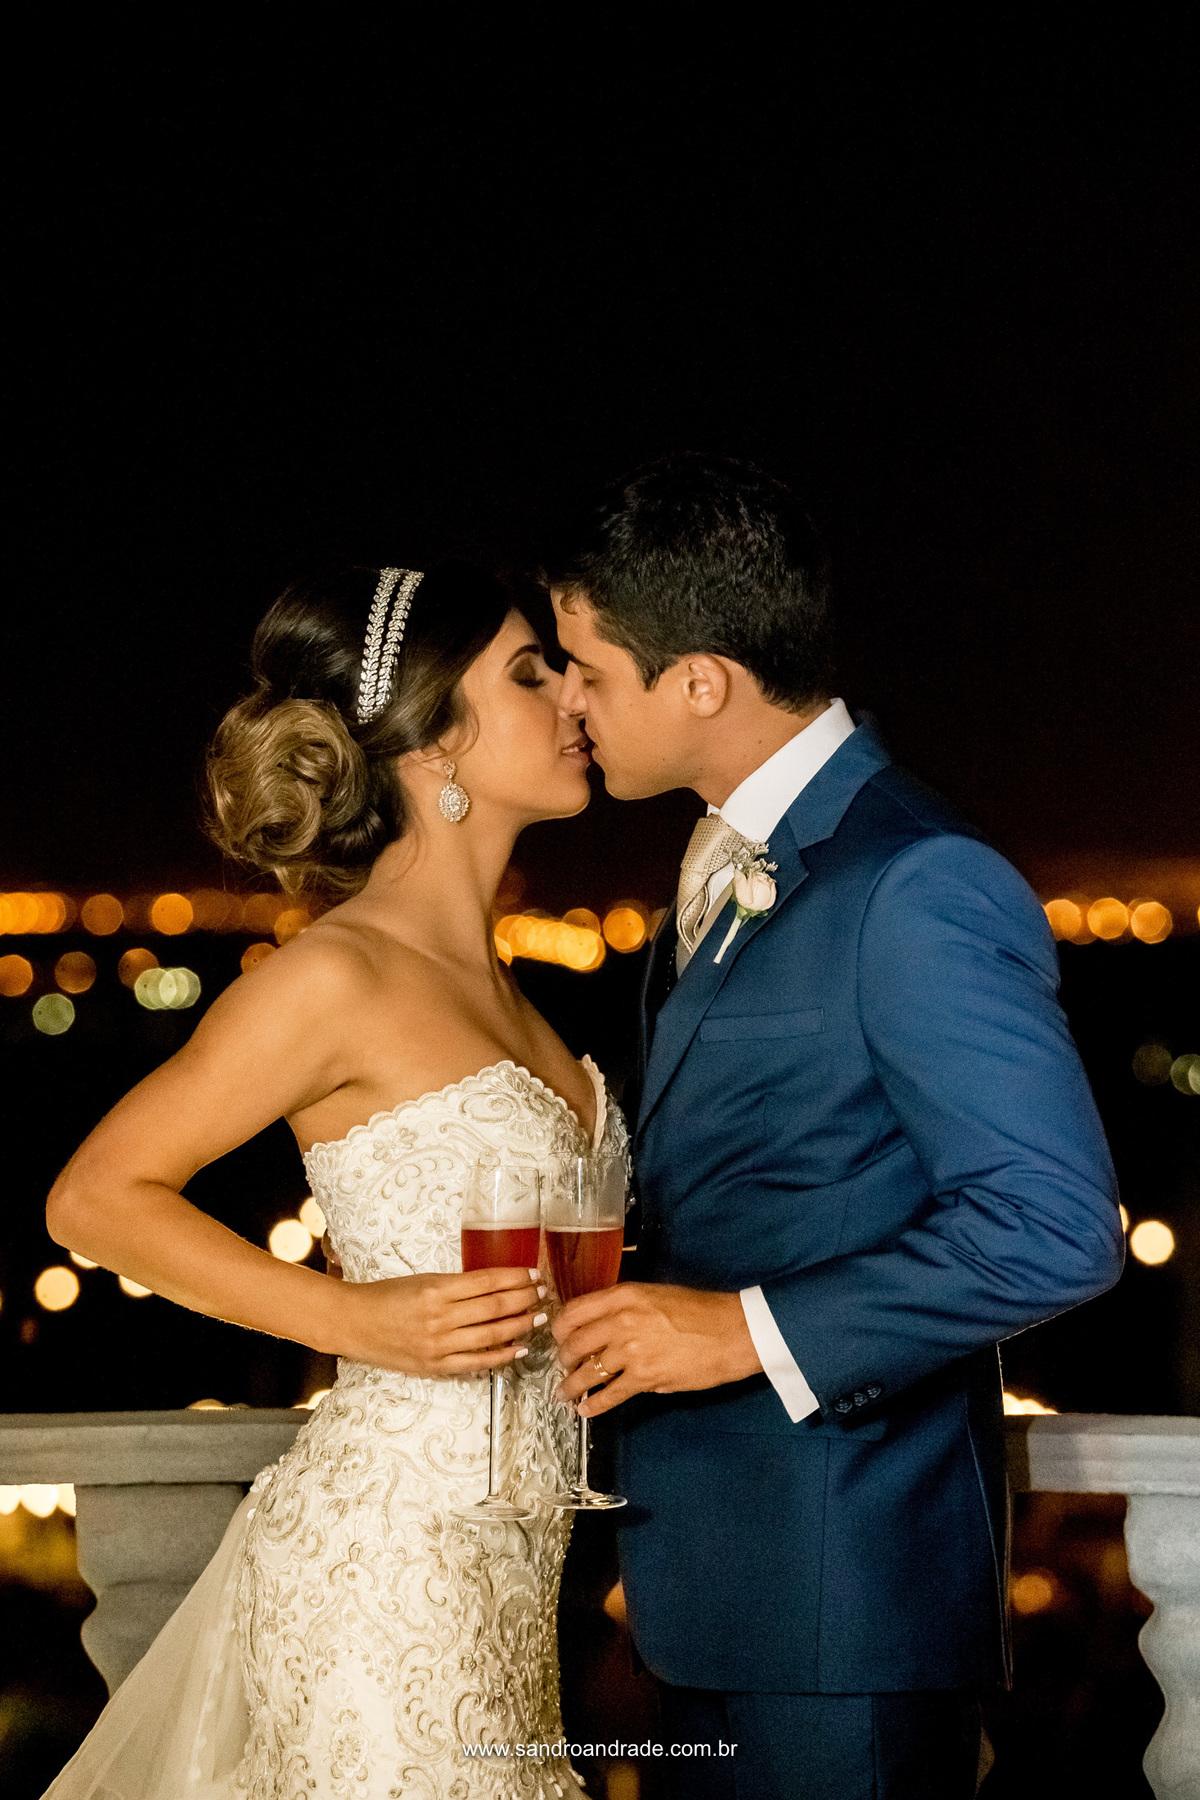 Mais um beijo repleto de amor.